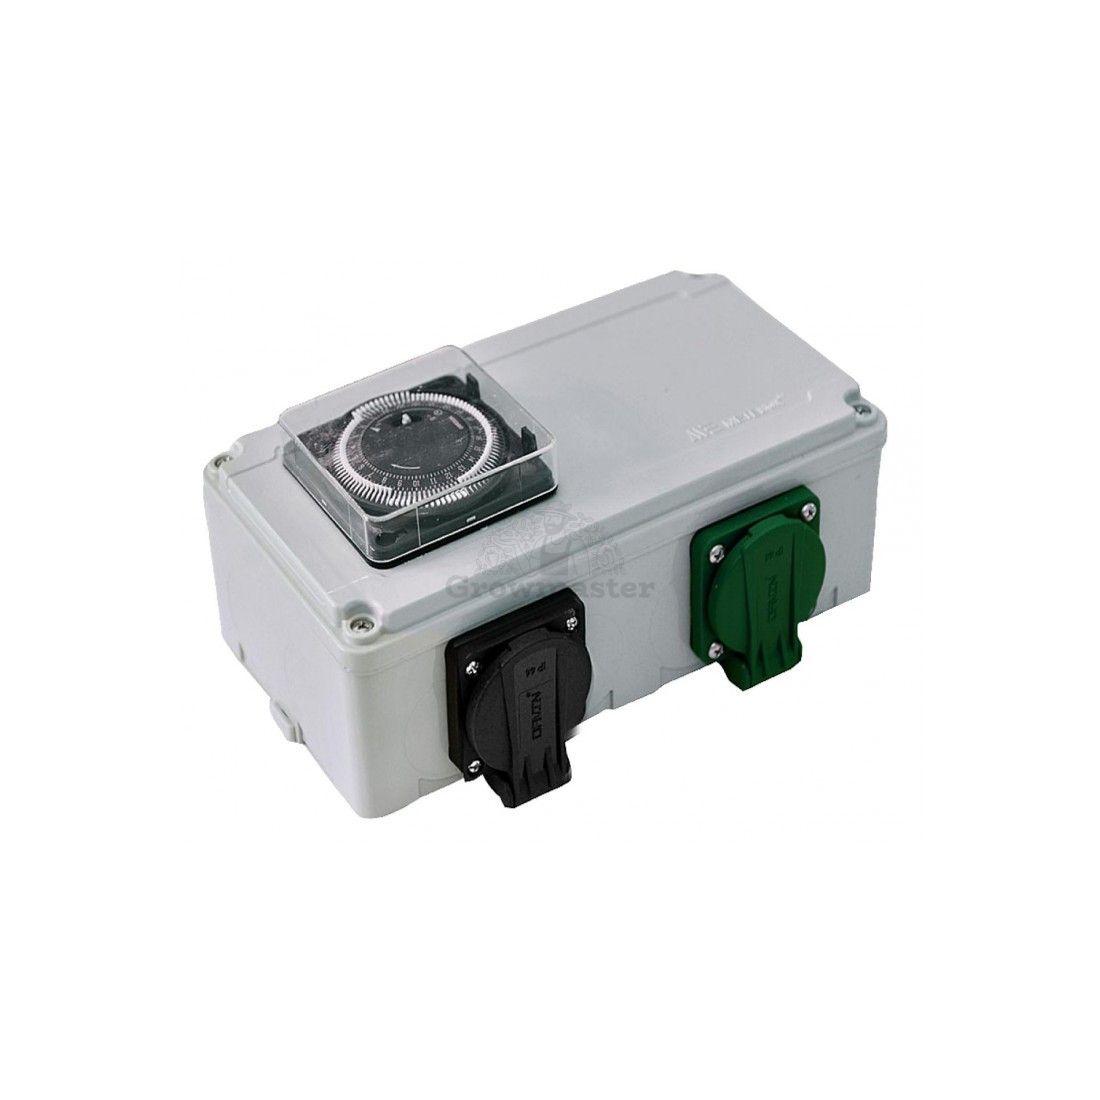 Davin DV-12K - 2x600 W spínací relé hodiny + zásuvka pro topení